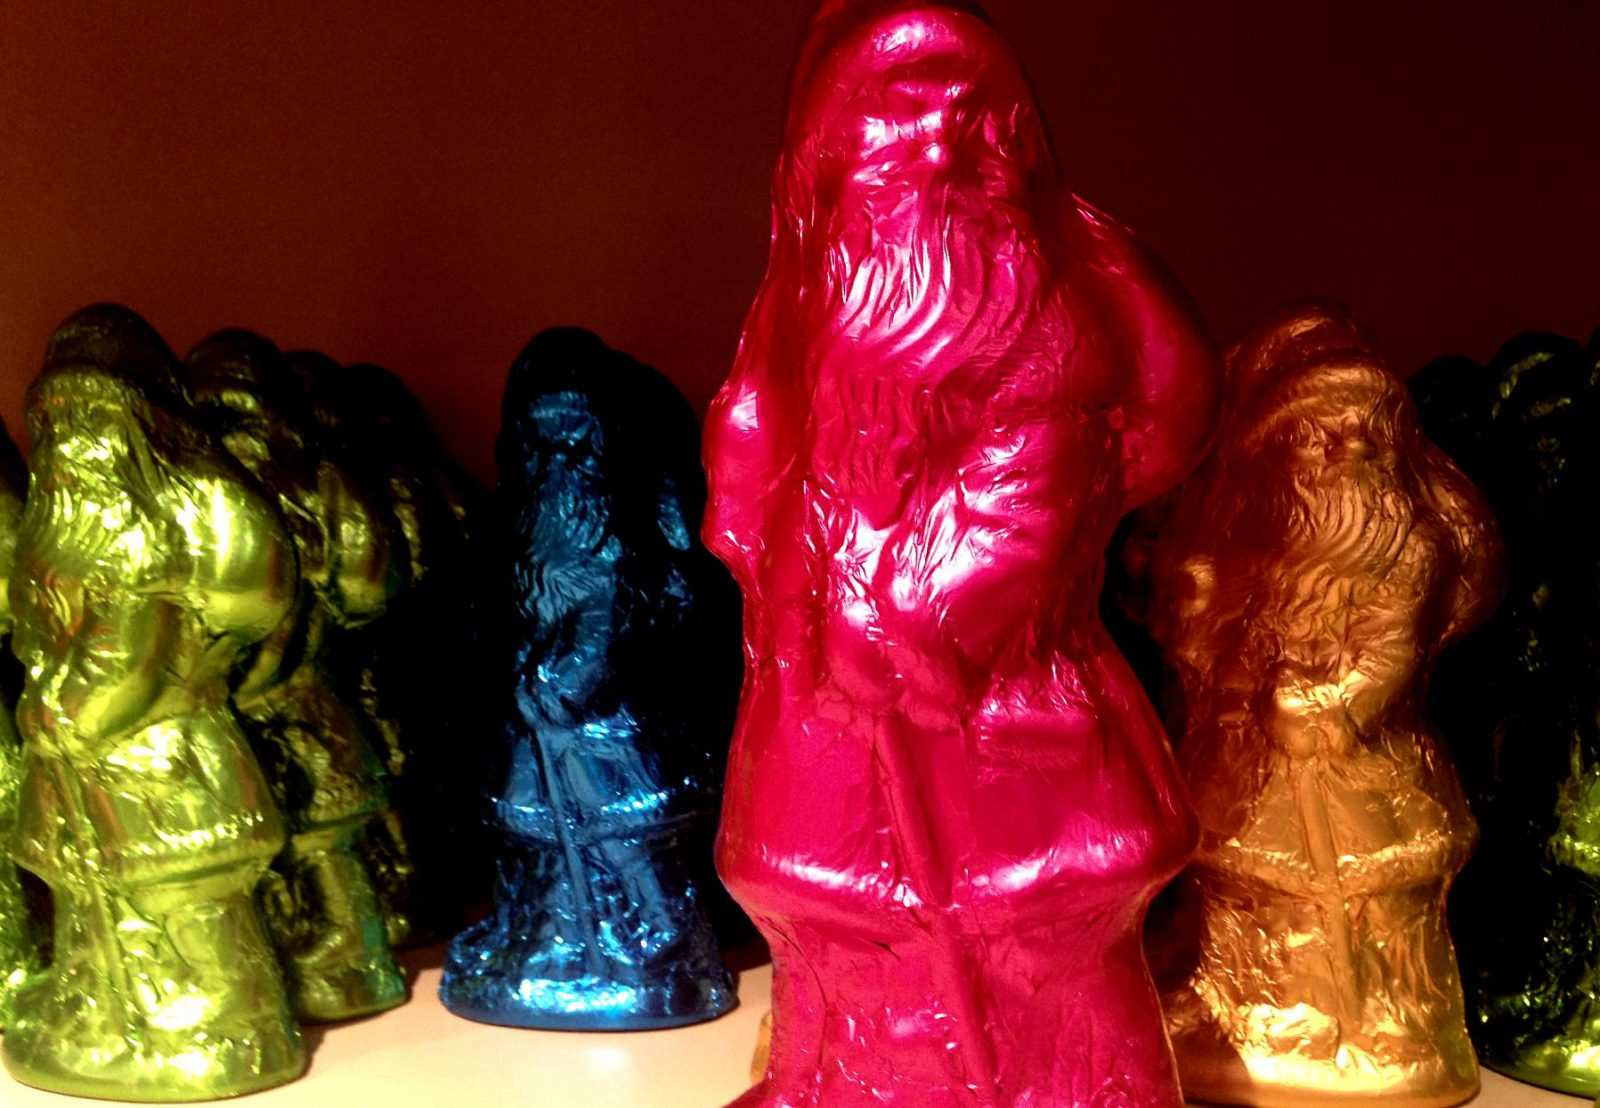 Tipps Weihnachtsgeschenke.Weihnachtsgeschenke Tipps Vom Farbenfreundin Blog